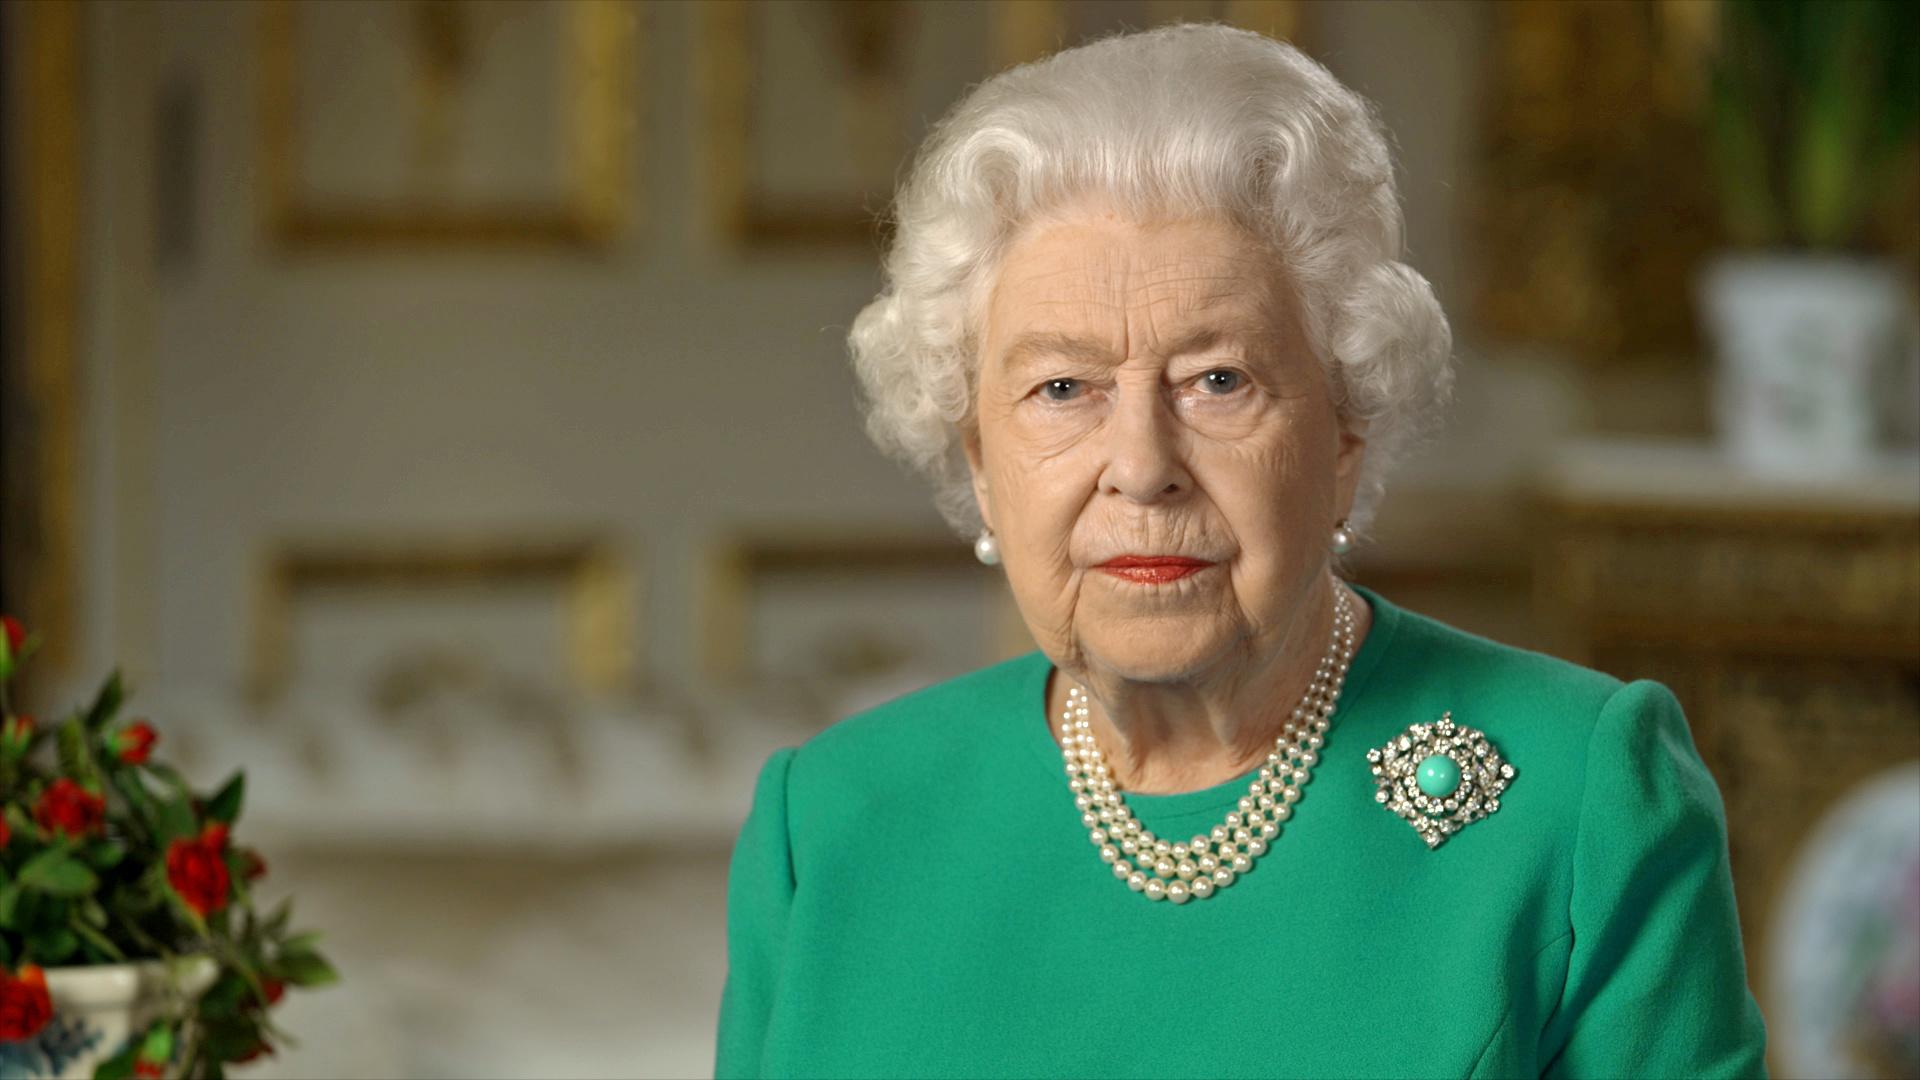 الملكة البريطانية، إليزابيث الثانية، تلقي خطابا وسط أزمة فيروس كورونا